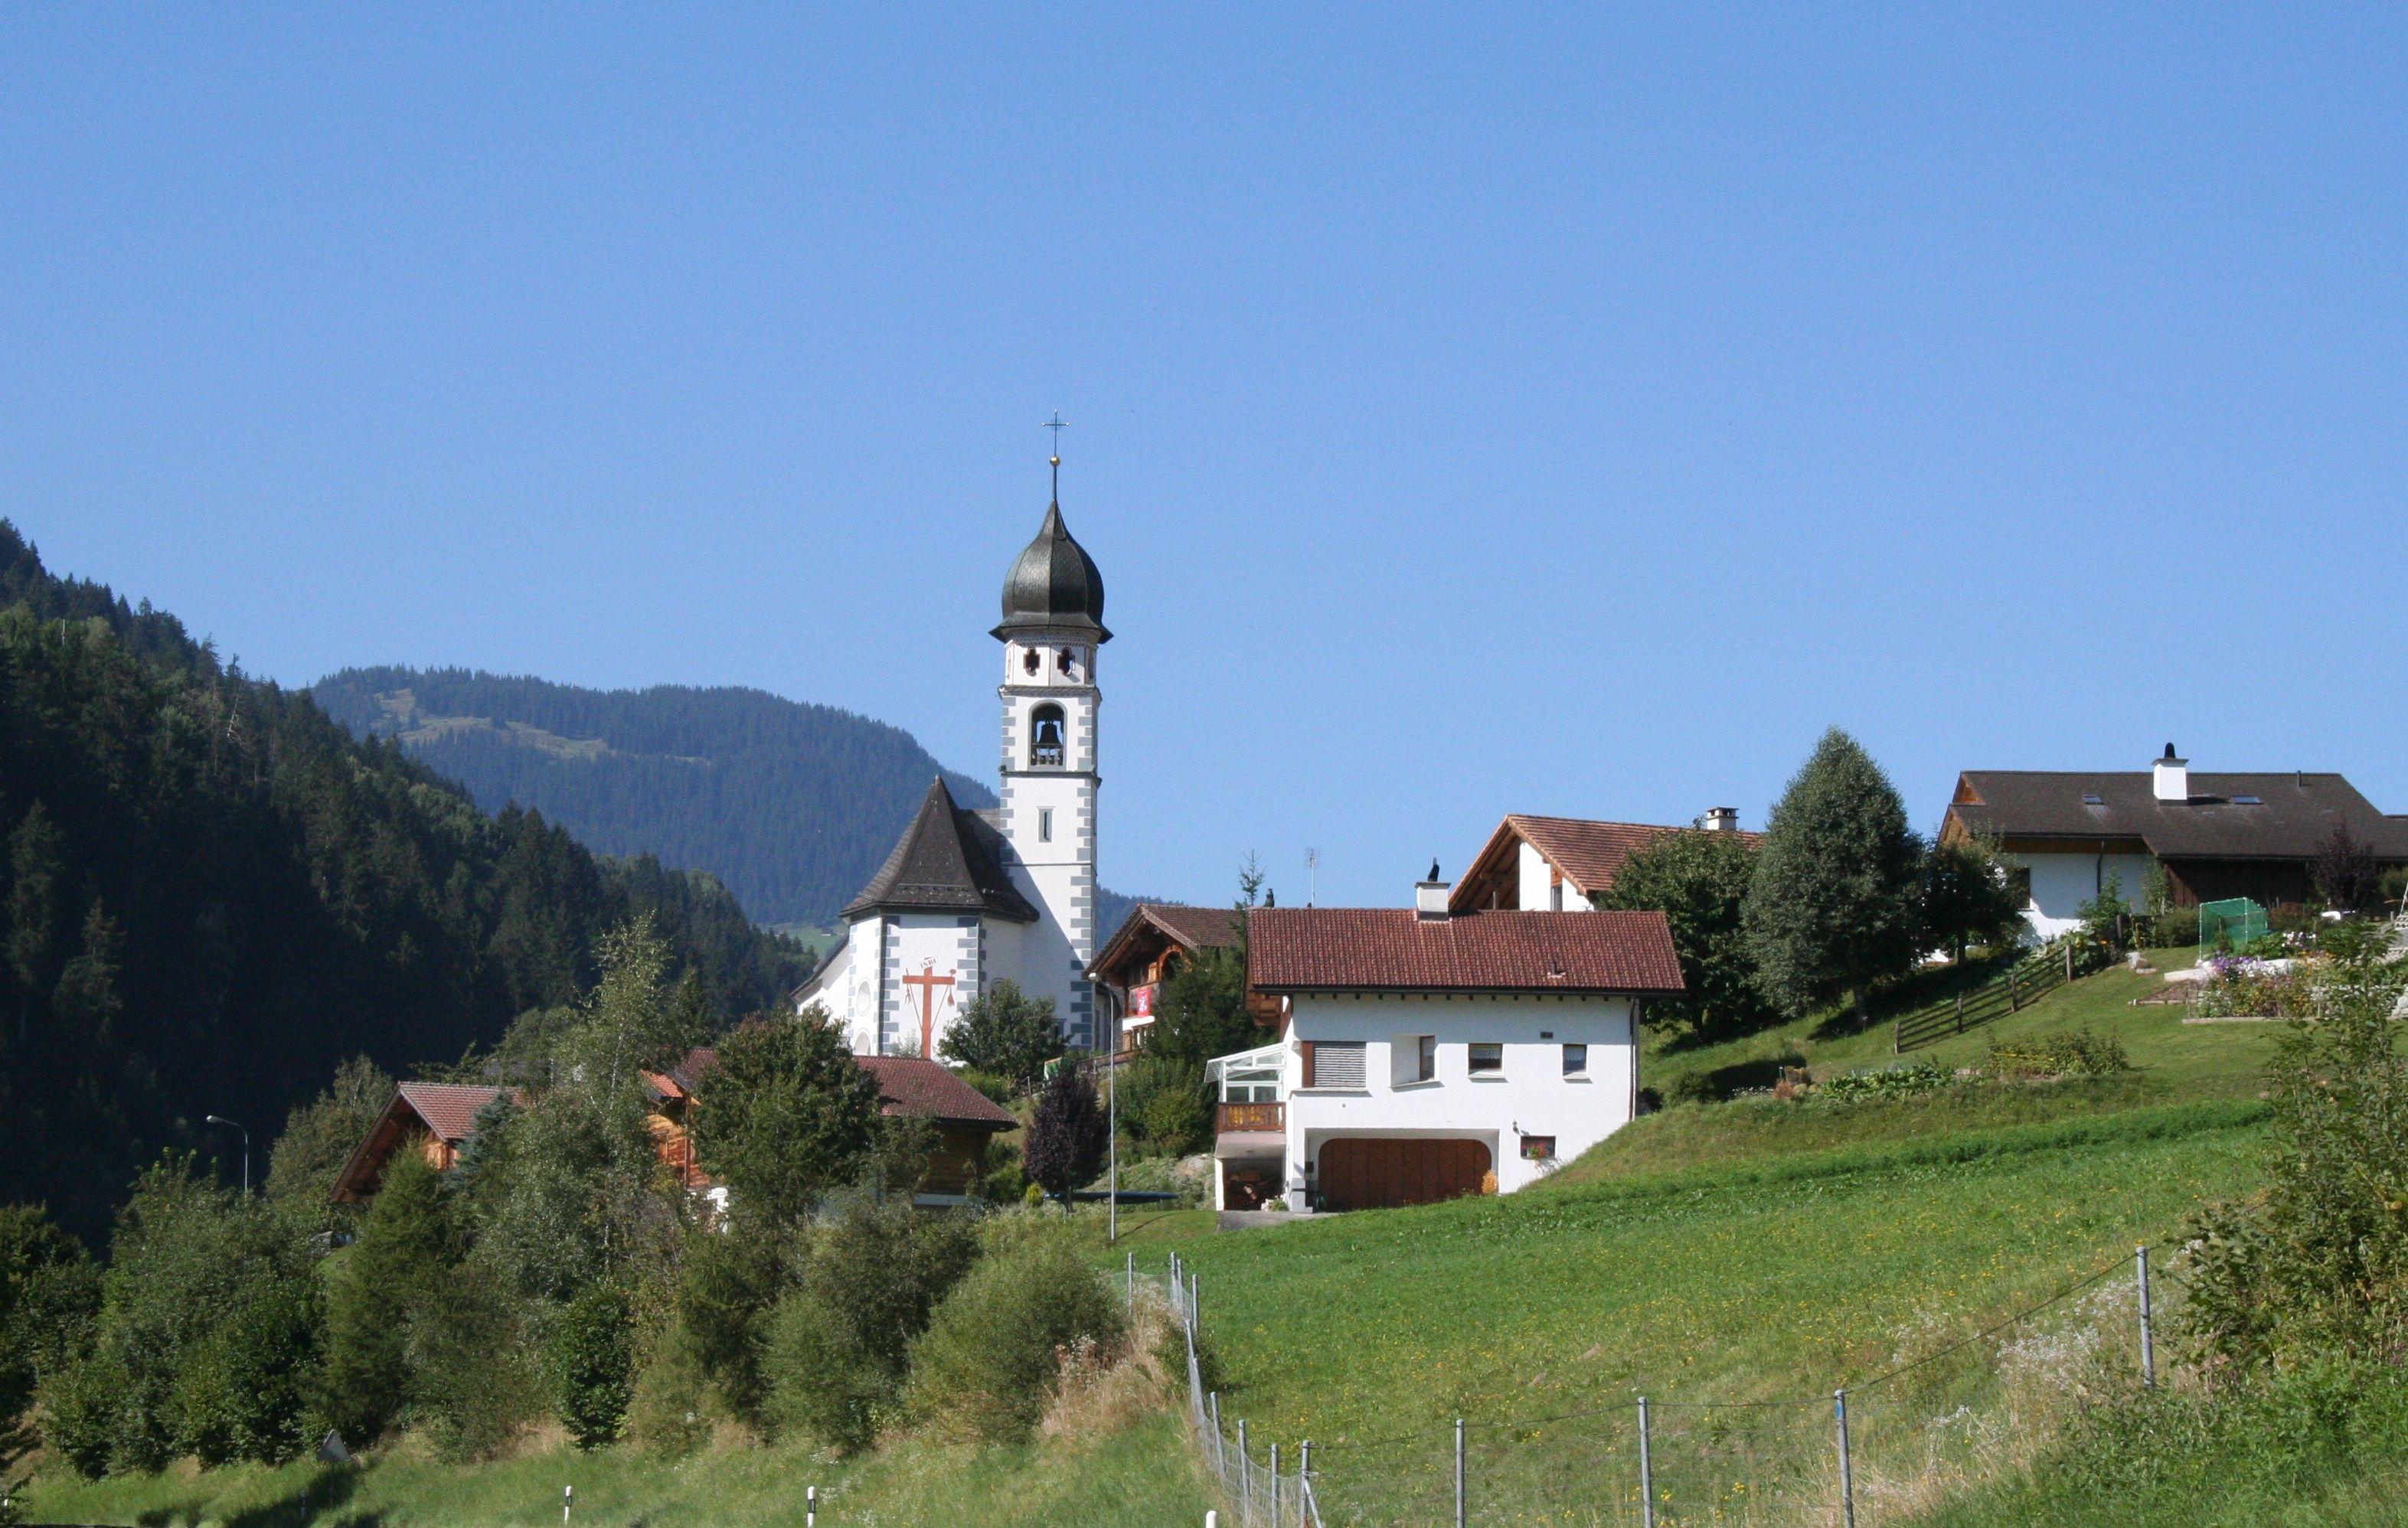 Breil Switzerland  city photo : Breil/Brigels | Churches and Chapels Switzerland 1 | Pinterest